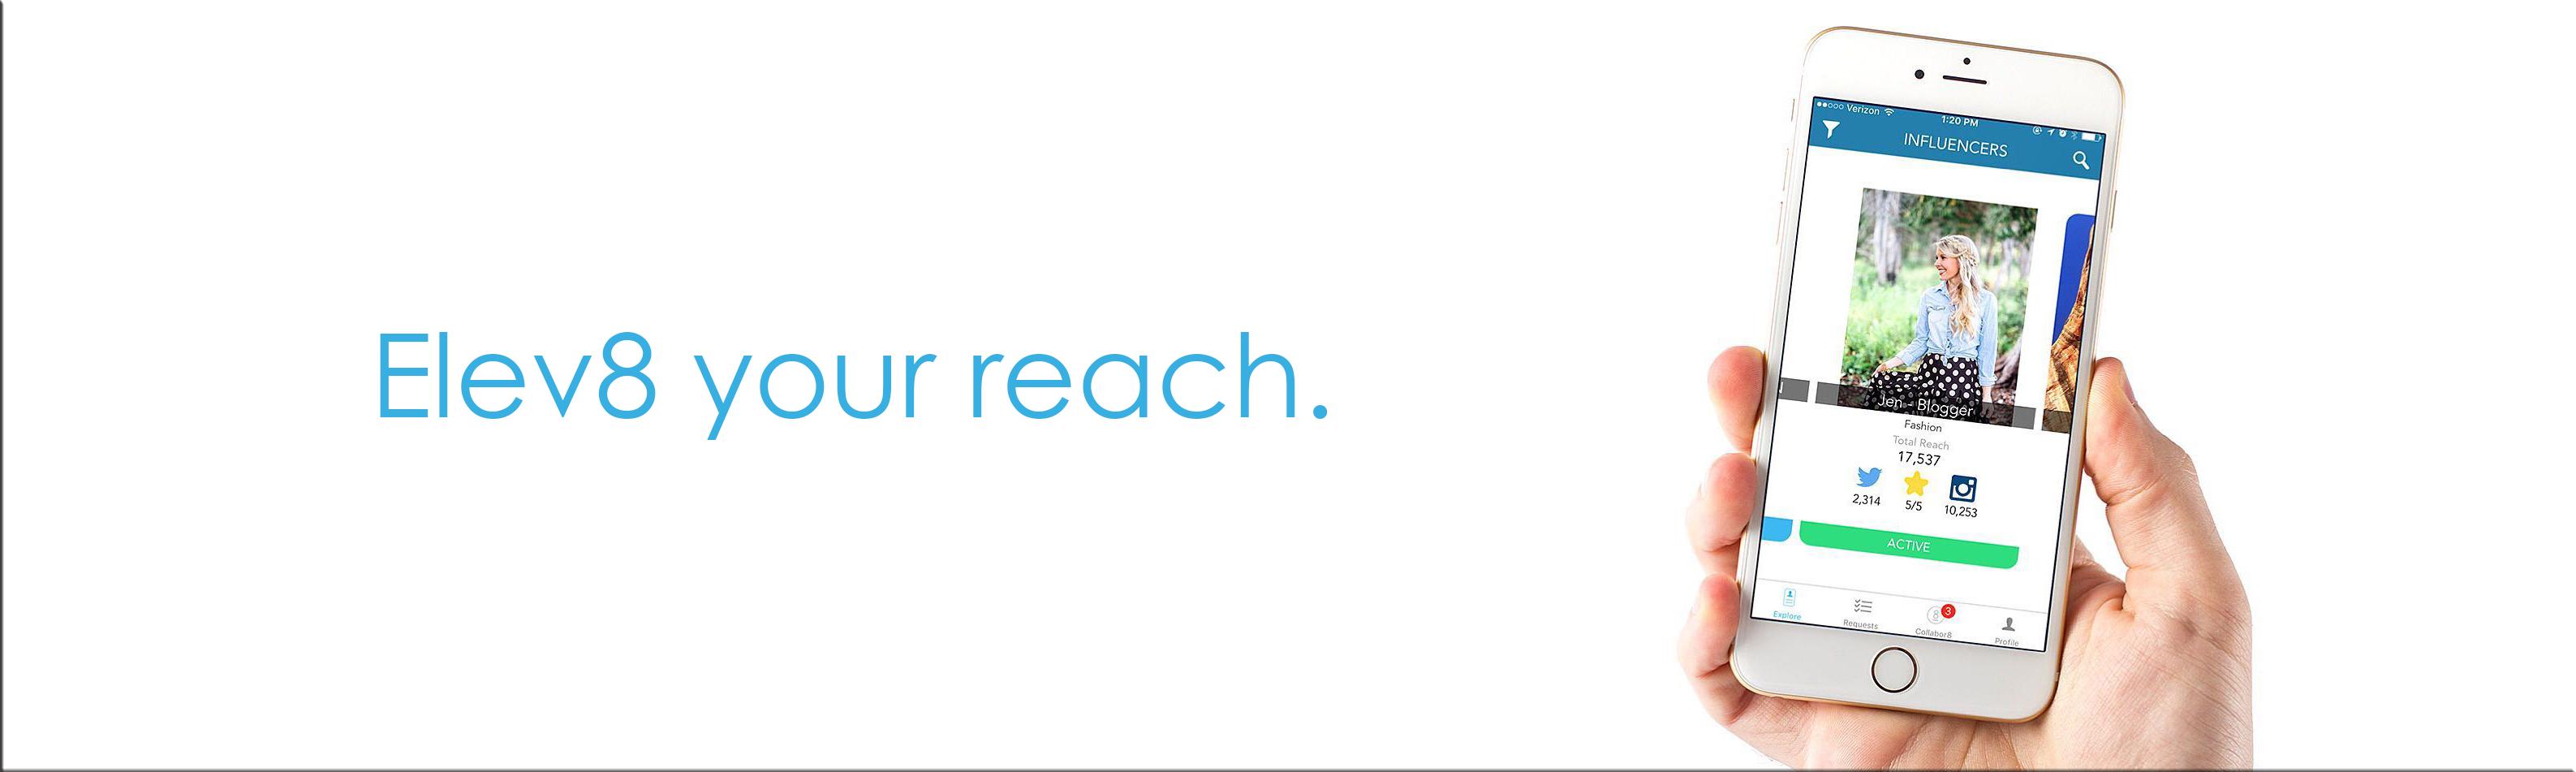 elev8-your-reach